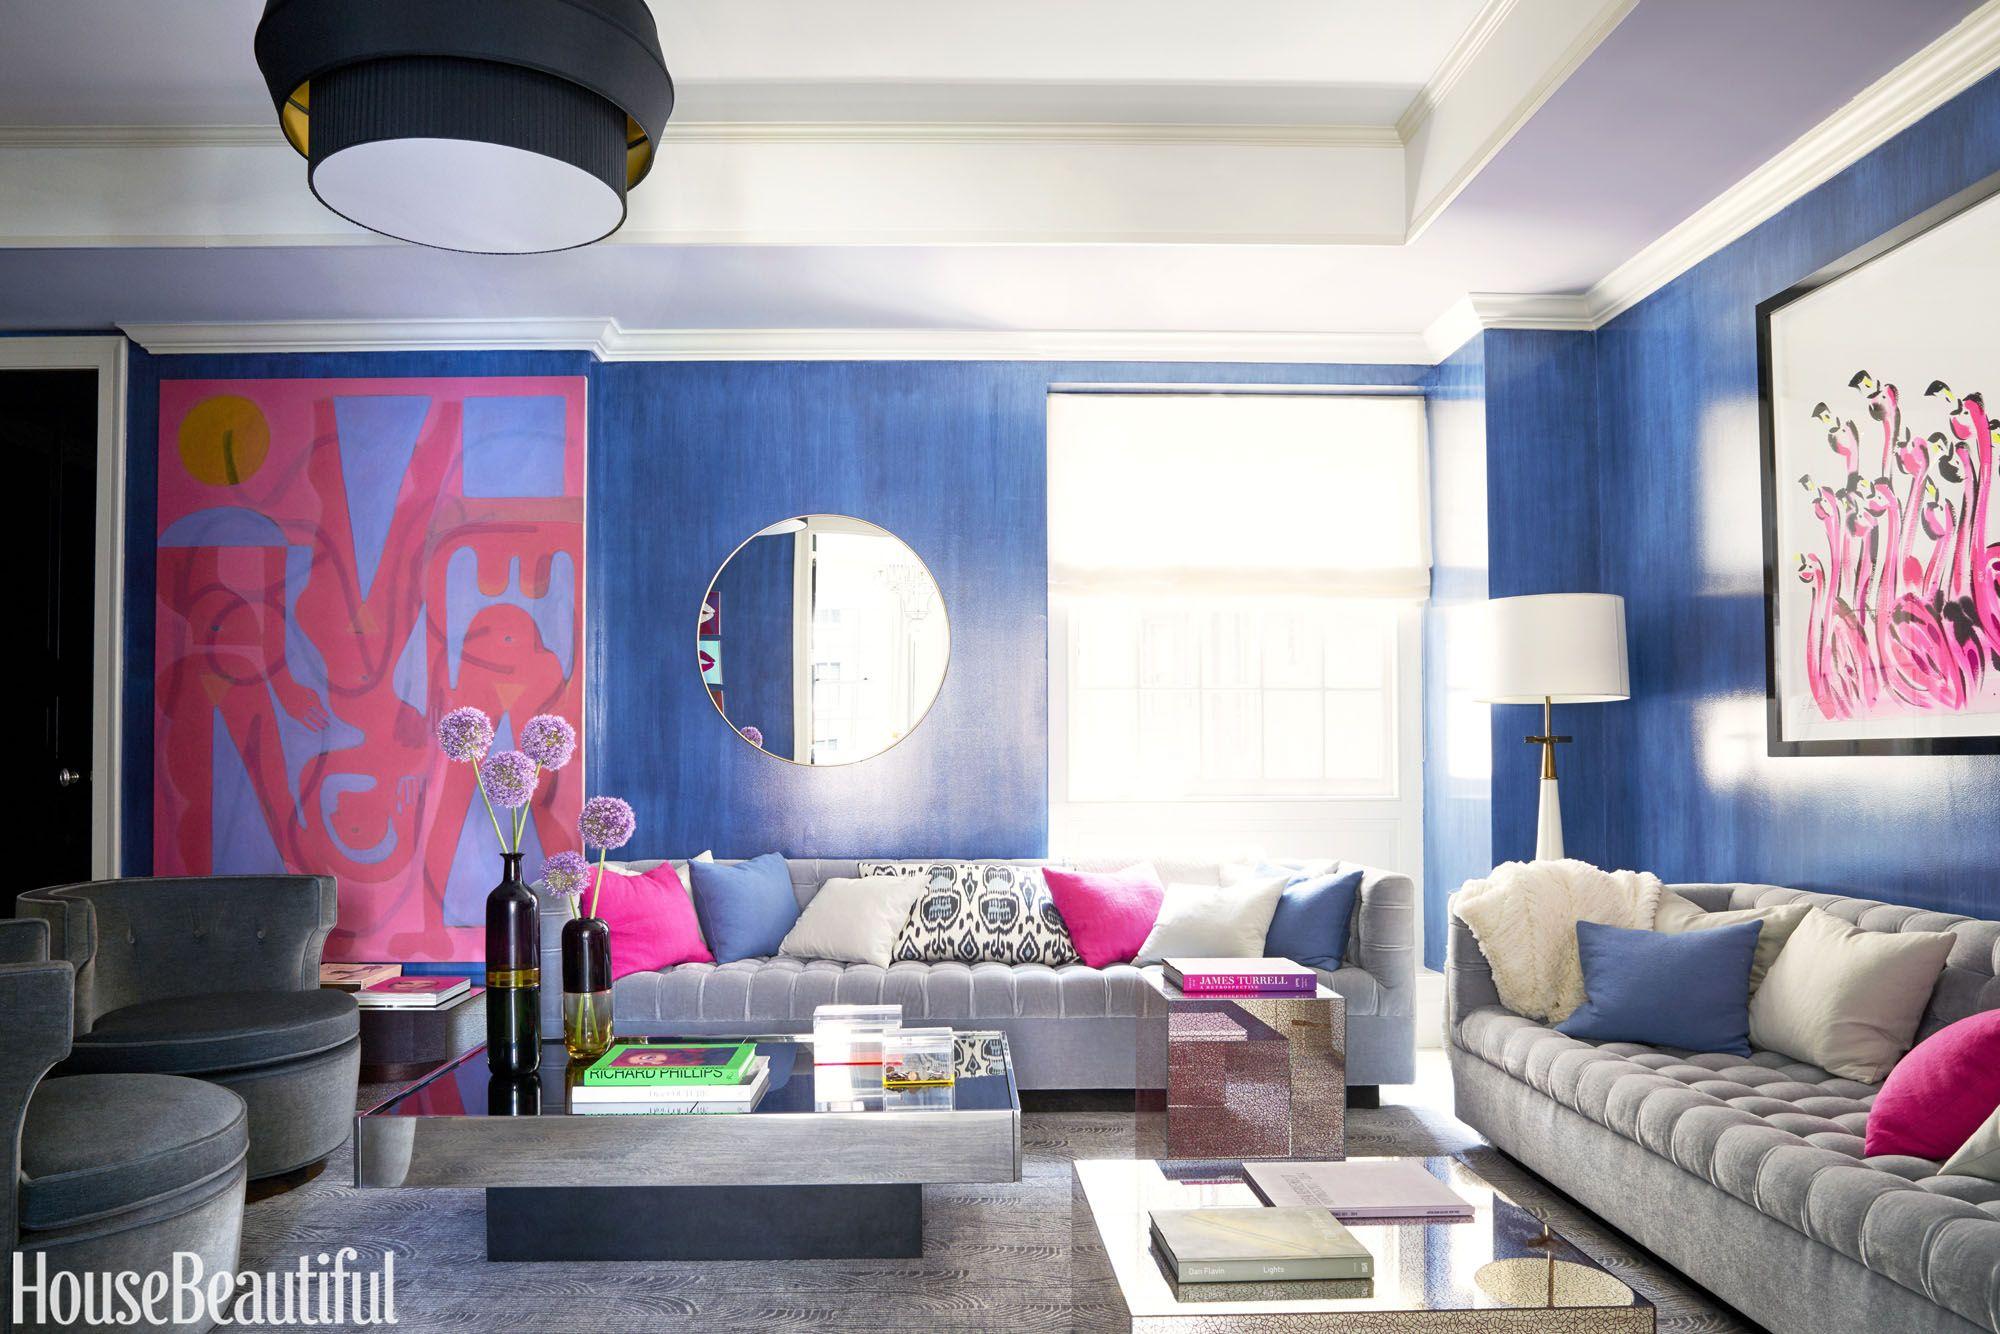 Superieur Home Decorating Ideas, Kitchen Designs, Paint Colors   House Beautiful